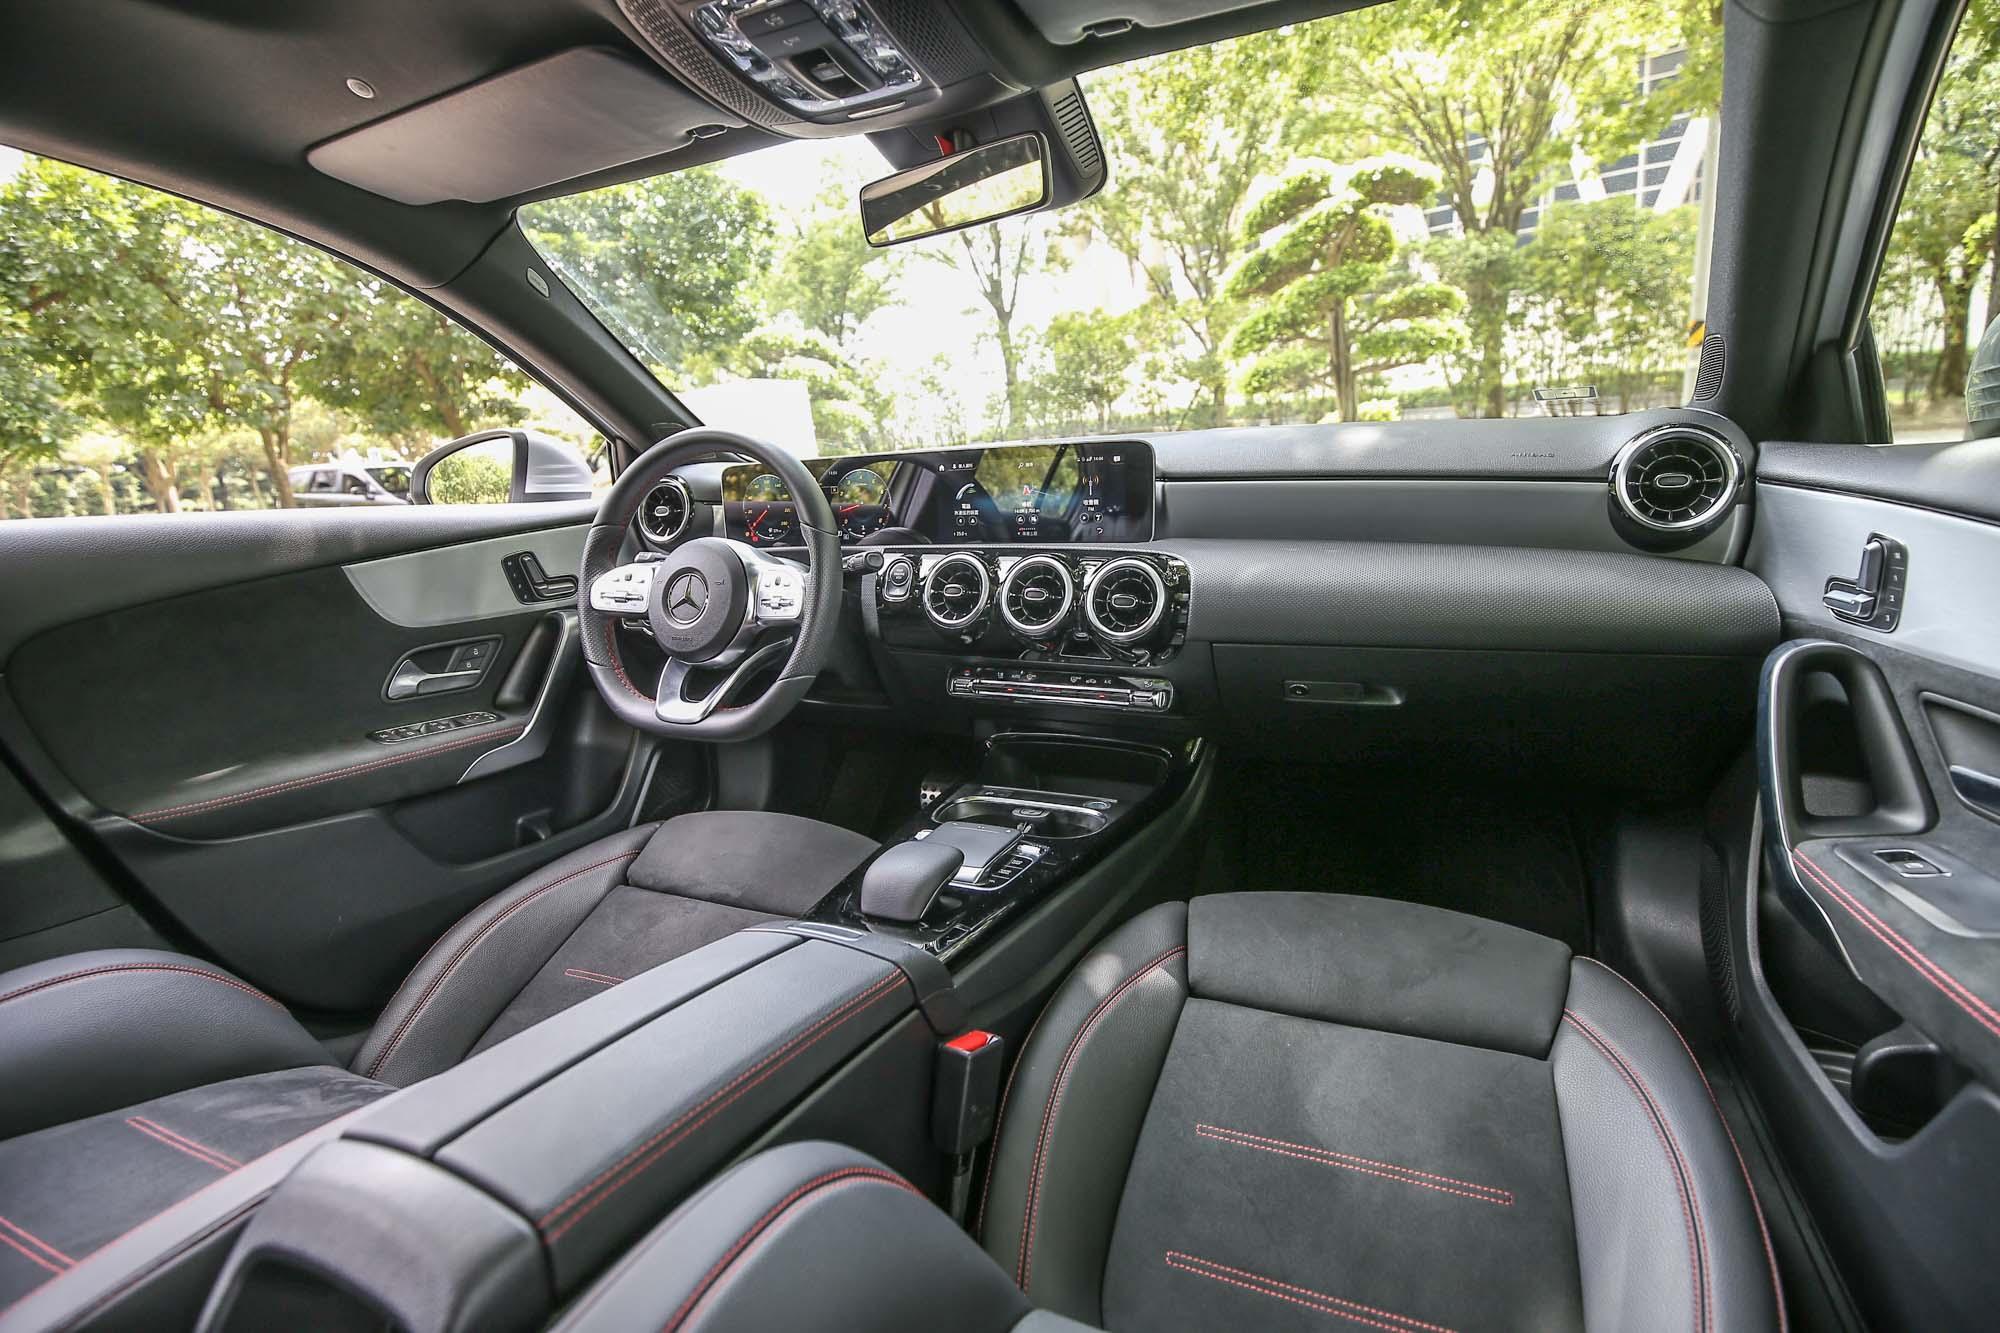 新世代 A-Class 座艙內的特色無疑為那一體成型的寬螢幕主角,再搭配造型搶眼的空調出風口,充滿科技前衛氛圍。